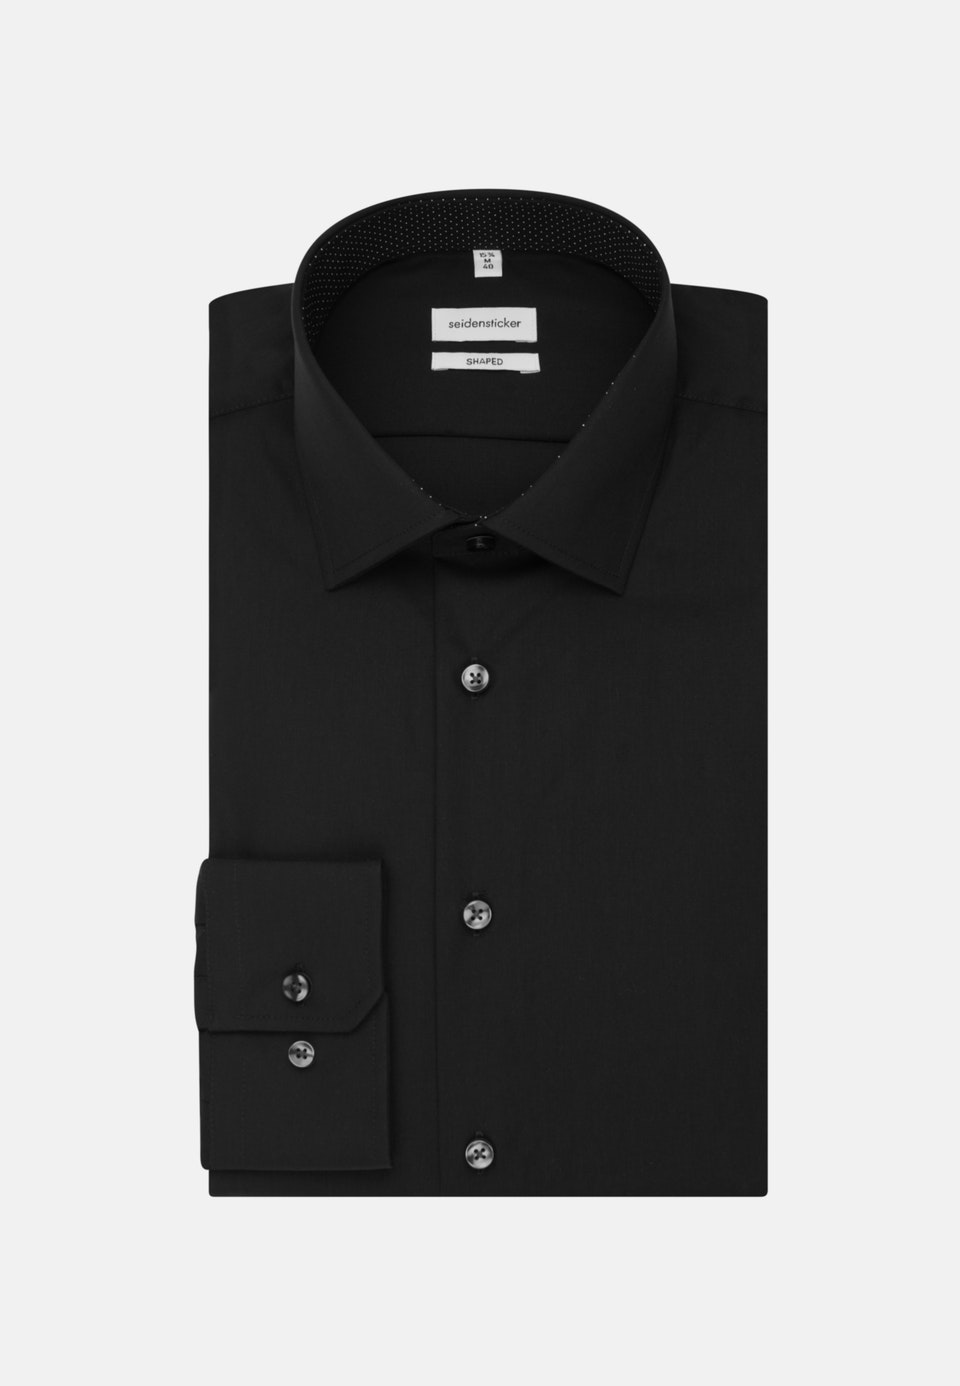 Bügelfreies Popeline Business Hemd in Shaped mit Kentkragen in Schwarz |  Seidensticker Onlineshop